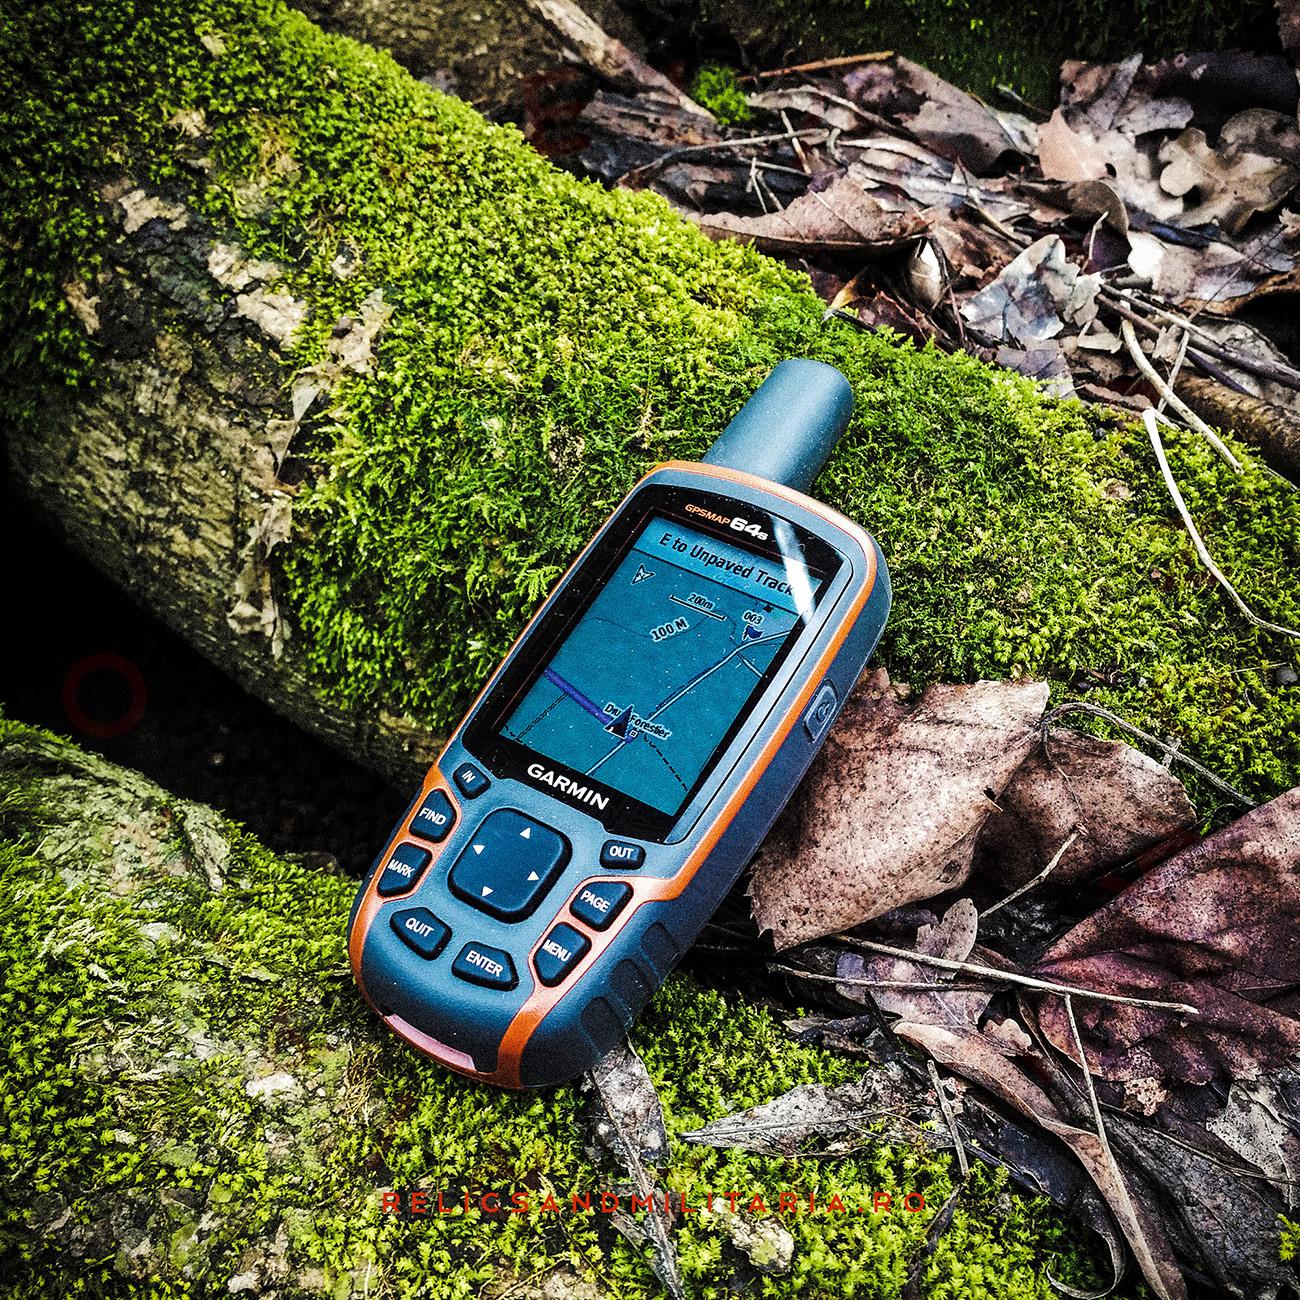 Garmin GPS for outdoor